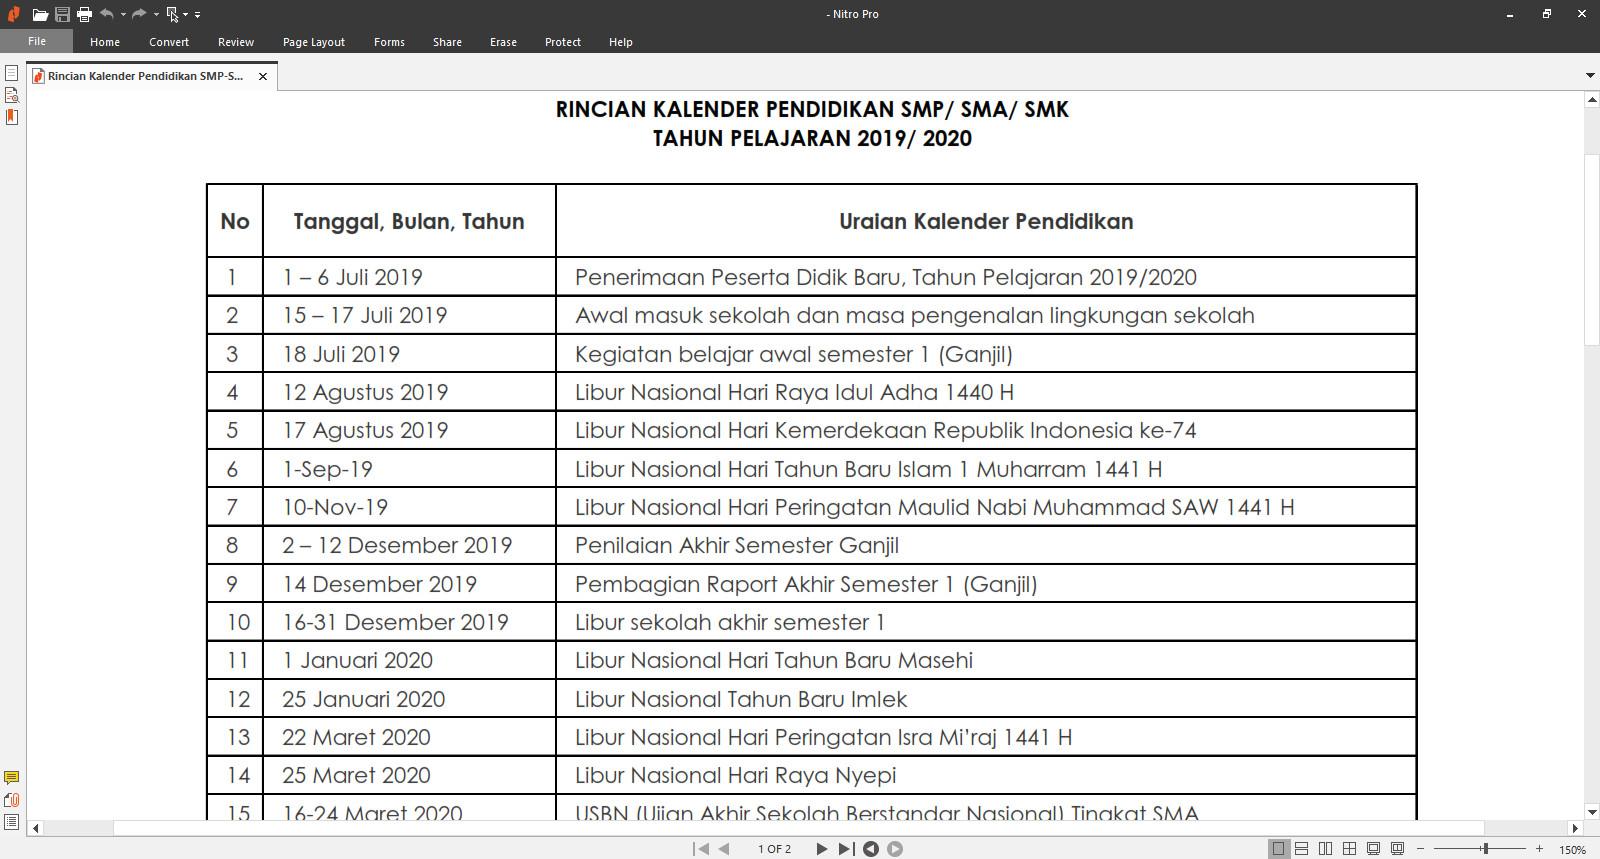 Kalender Pendidikan Nasional Tahun Pelajaran 2019/ 2020